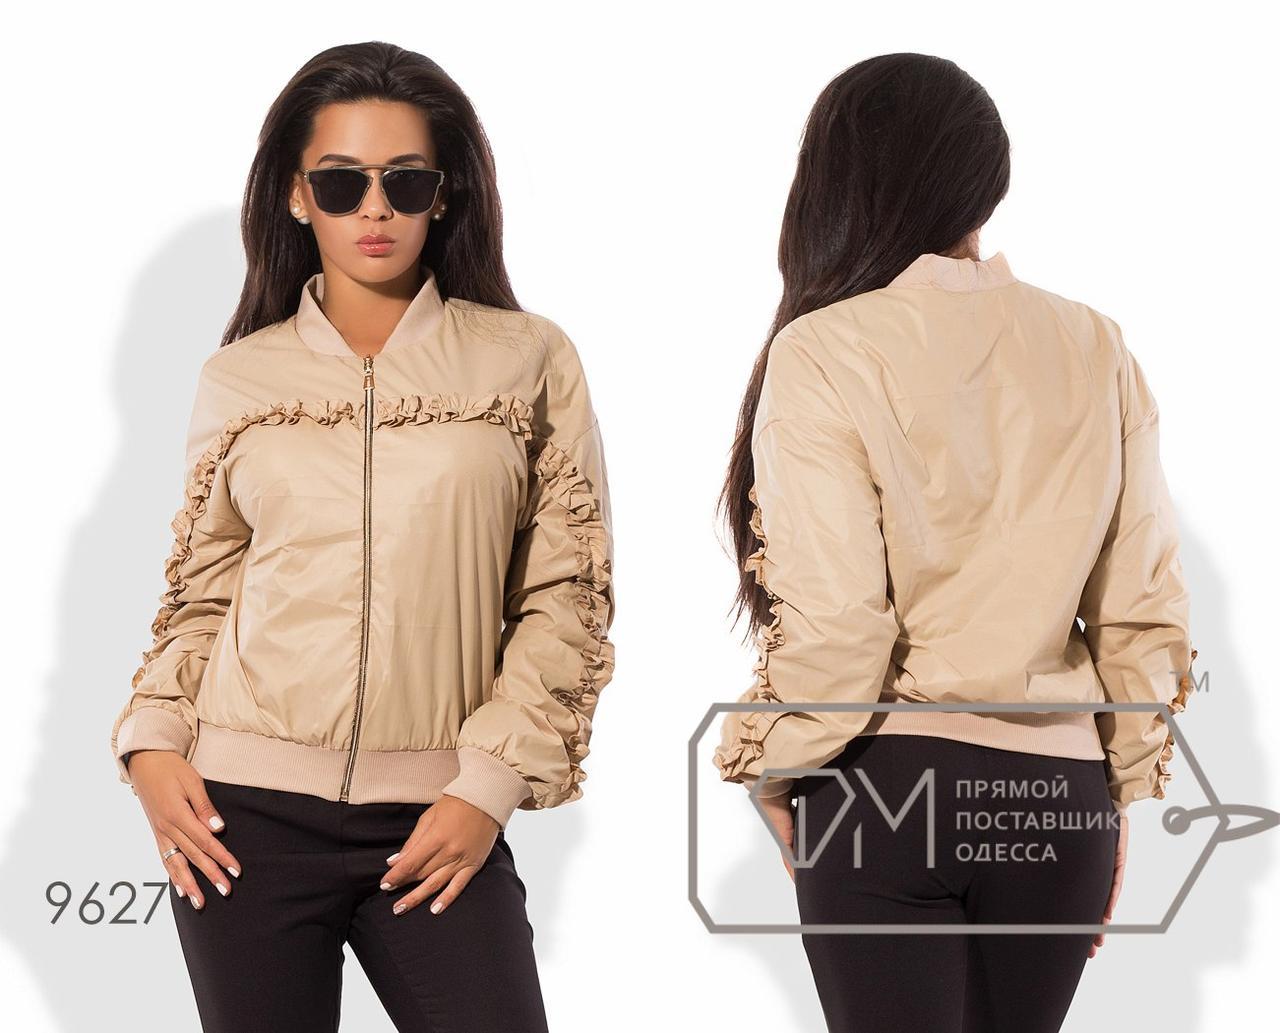 Куртка-бомбер из плащёвки на флисе с манжетами, застёжкой-молнией и отделкой переда мелкой двусторонней оборкой 9627